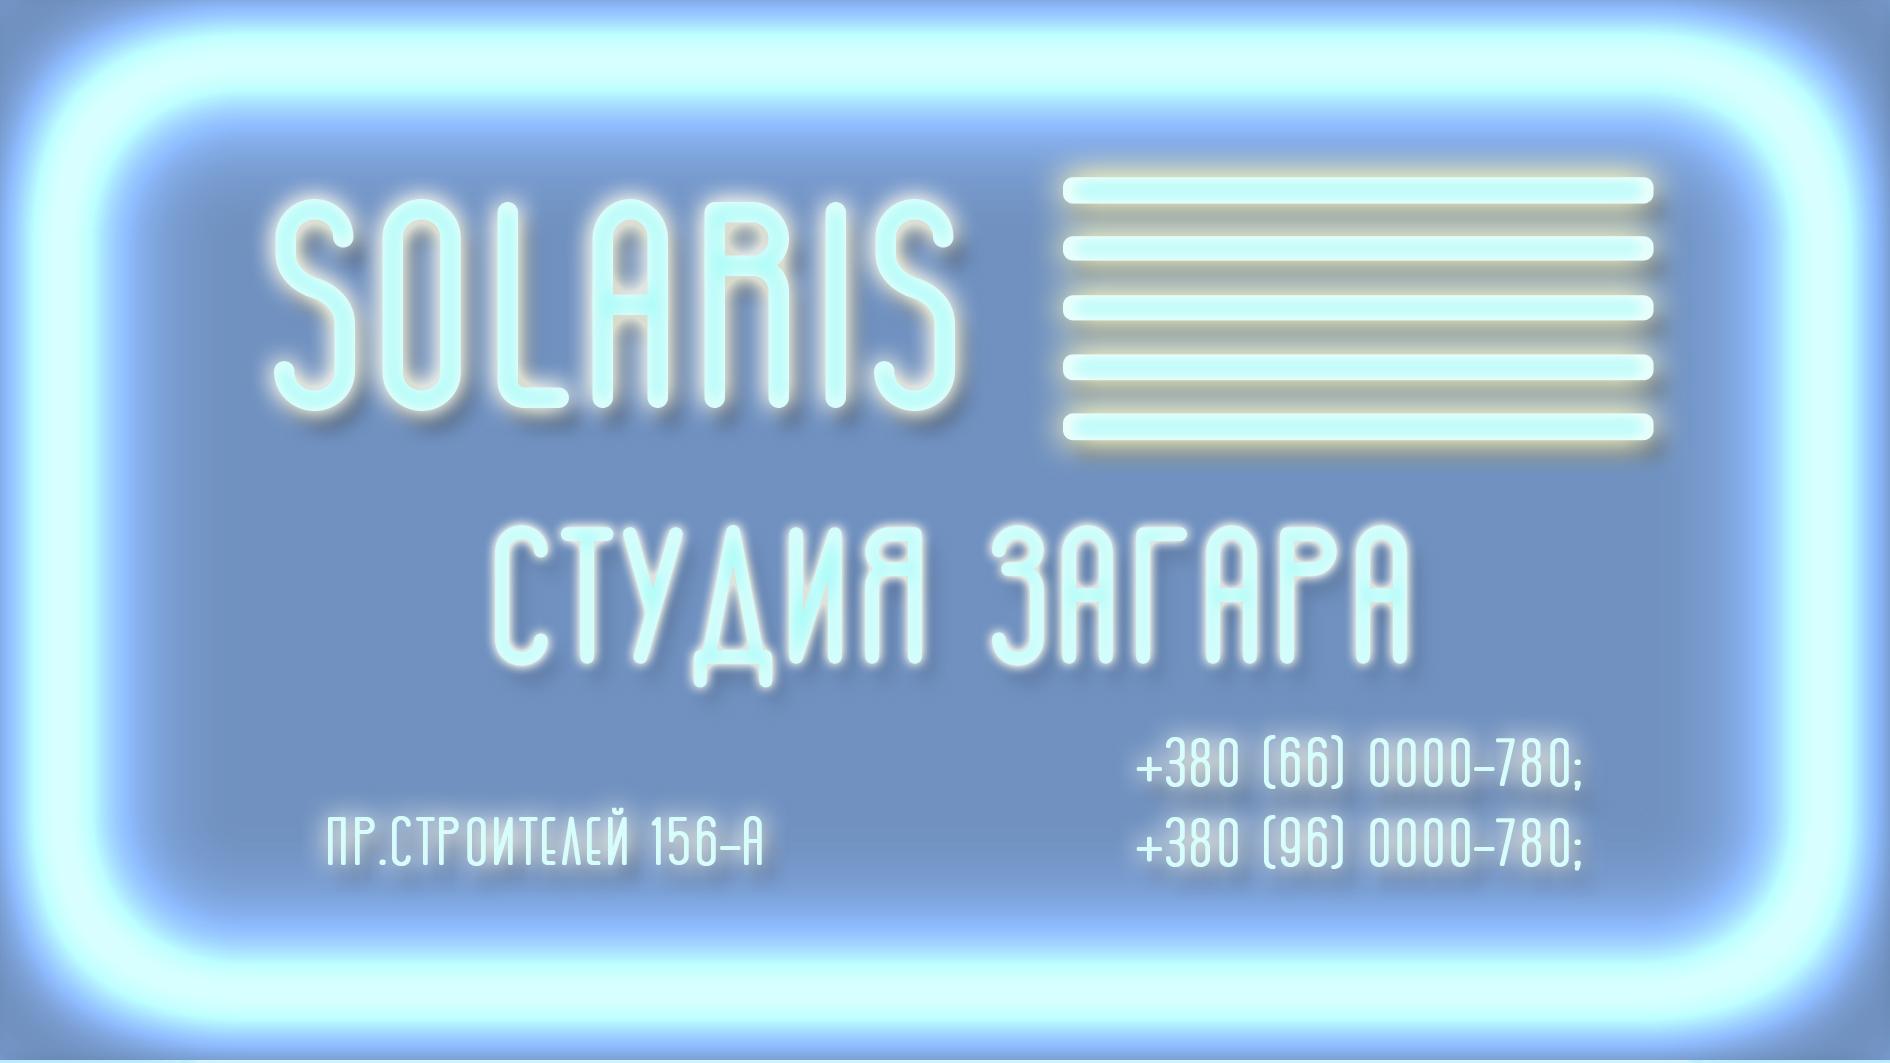 Фото визитка солярия (2 часа)